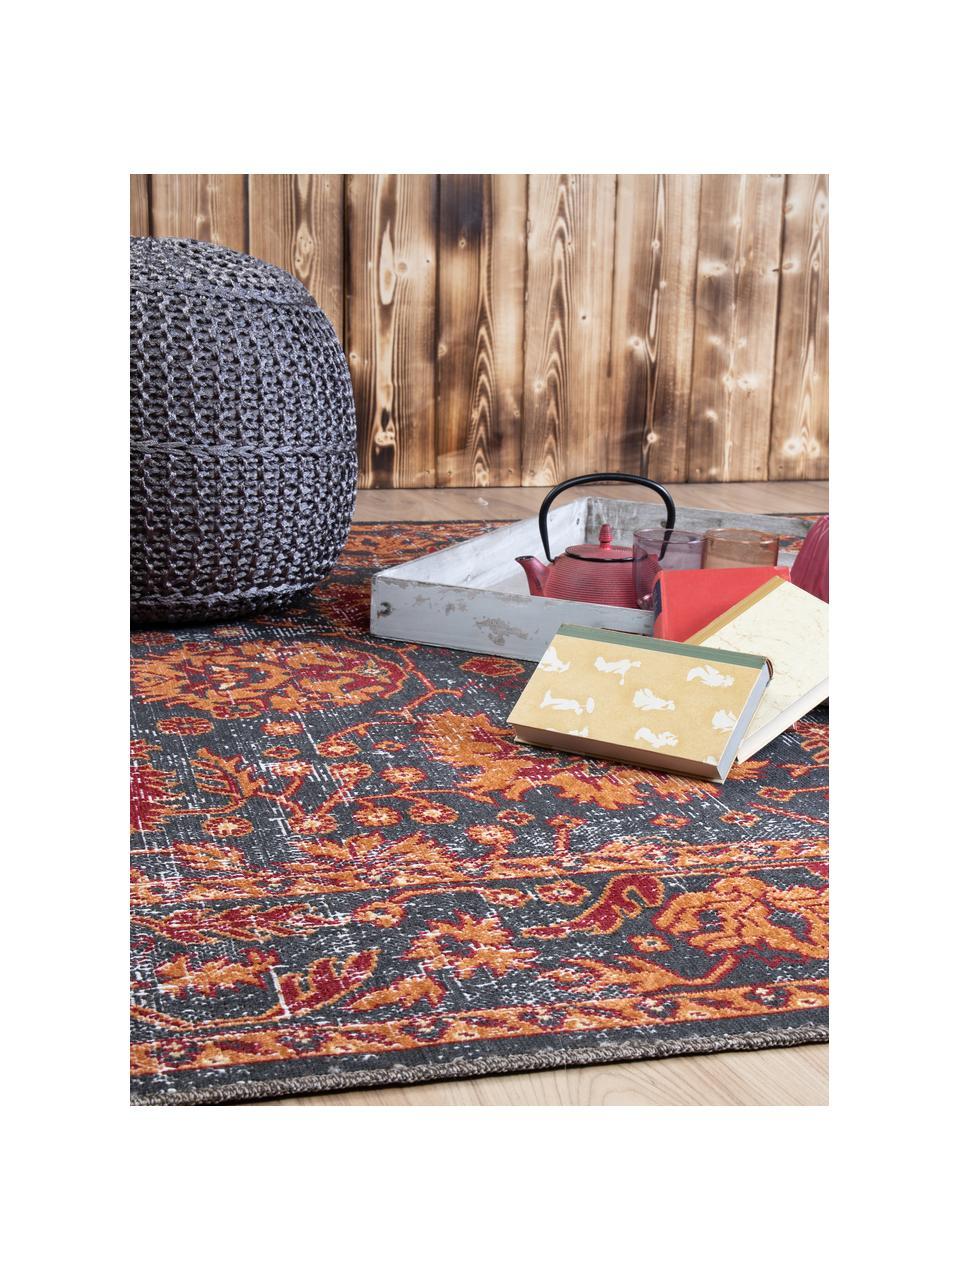 In- & outdoor vloerkleed Tilas in oranje/grijs, oosterse stijl, 100% polypropyleen, Antraciet, oranje, rood, B 80 x L 150 cm (maat XS)